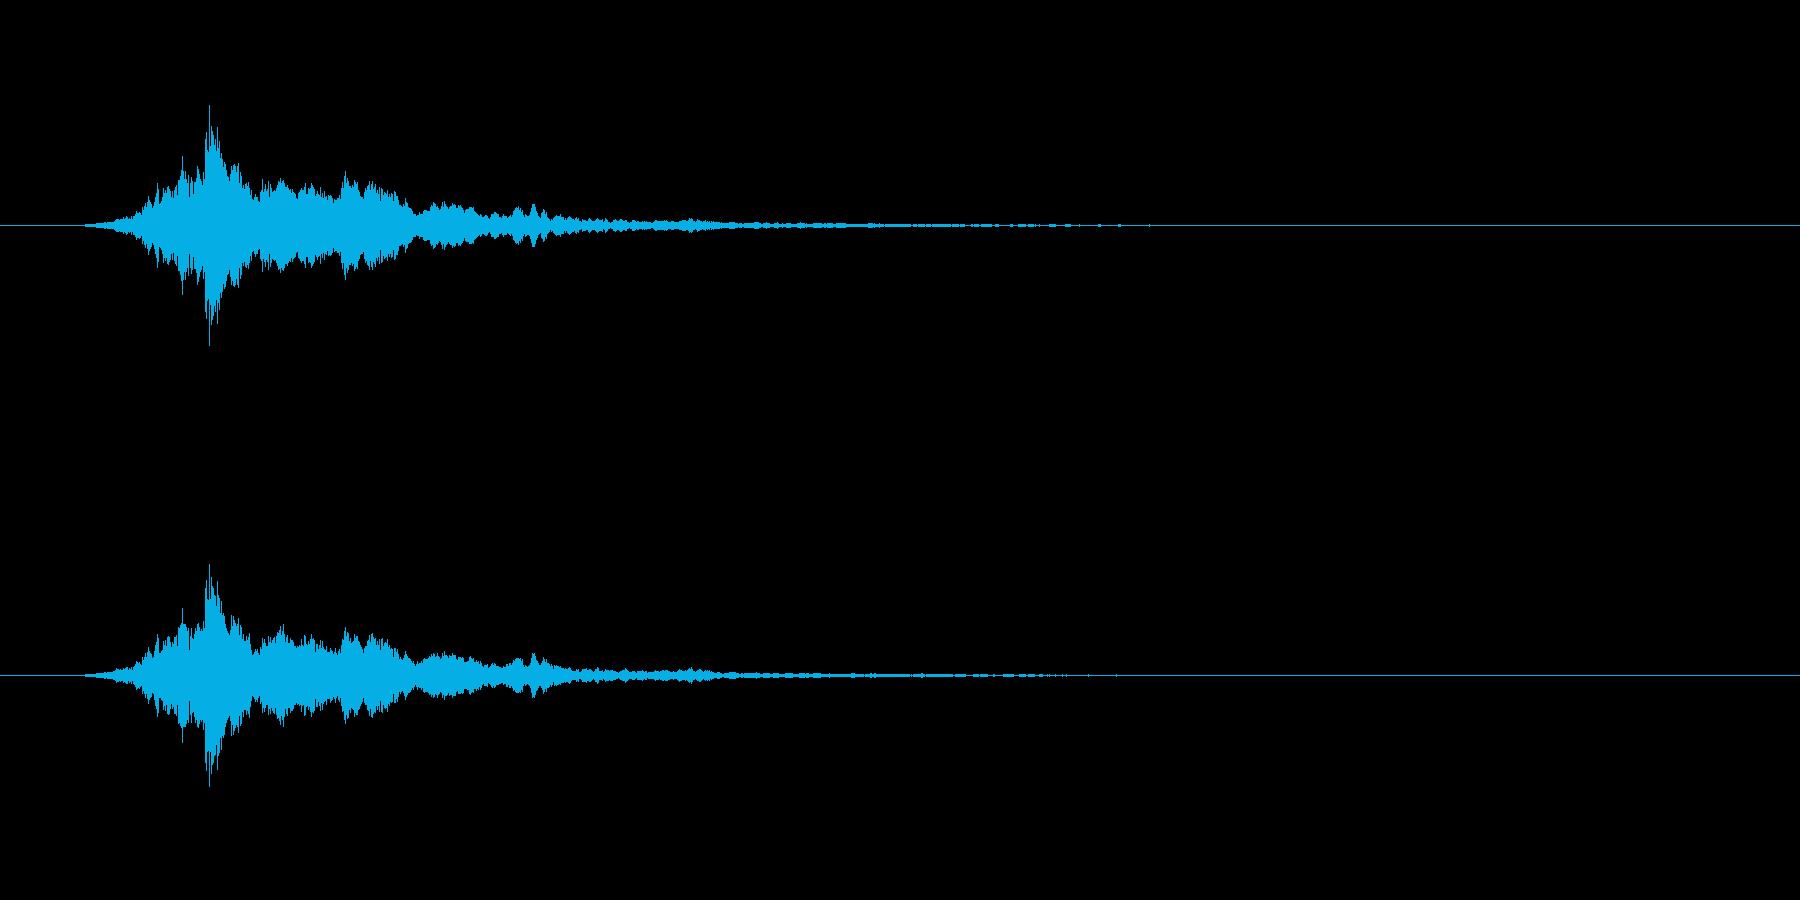 【アクセント12-1】の再生済みの波形